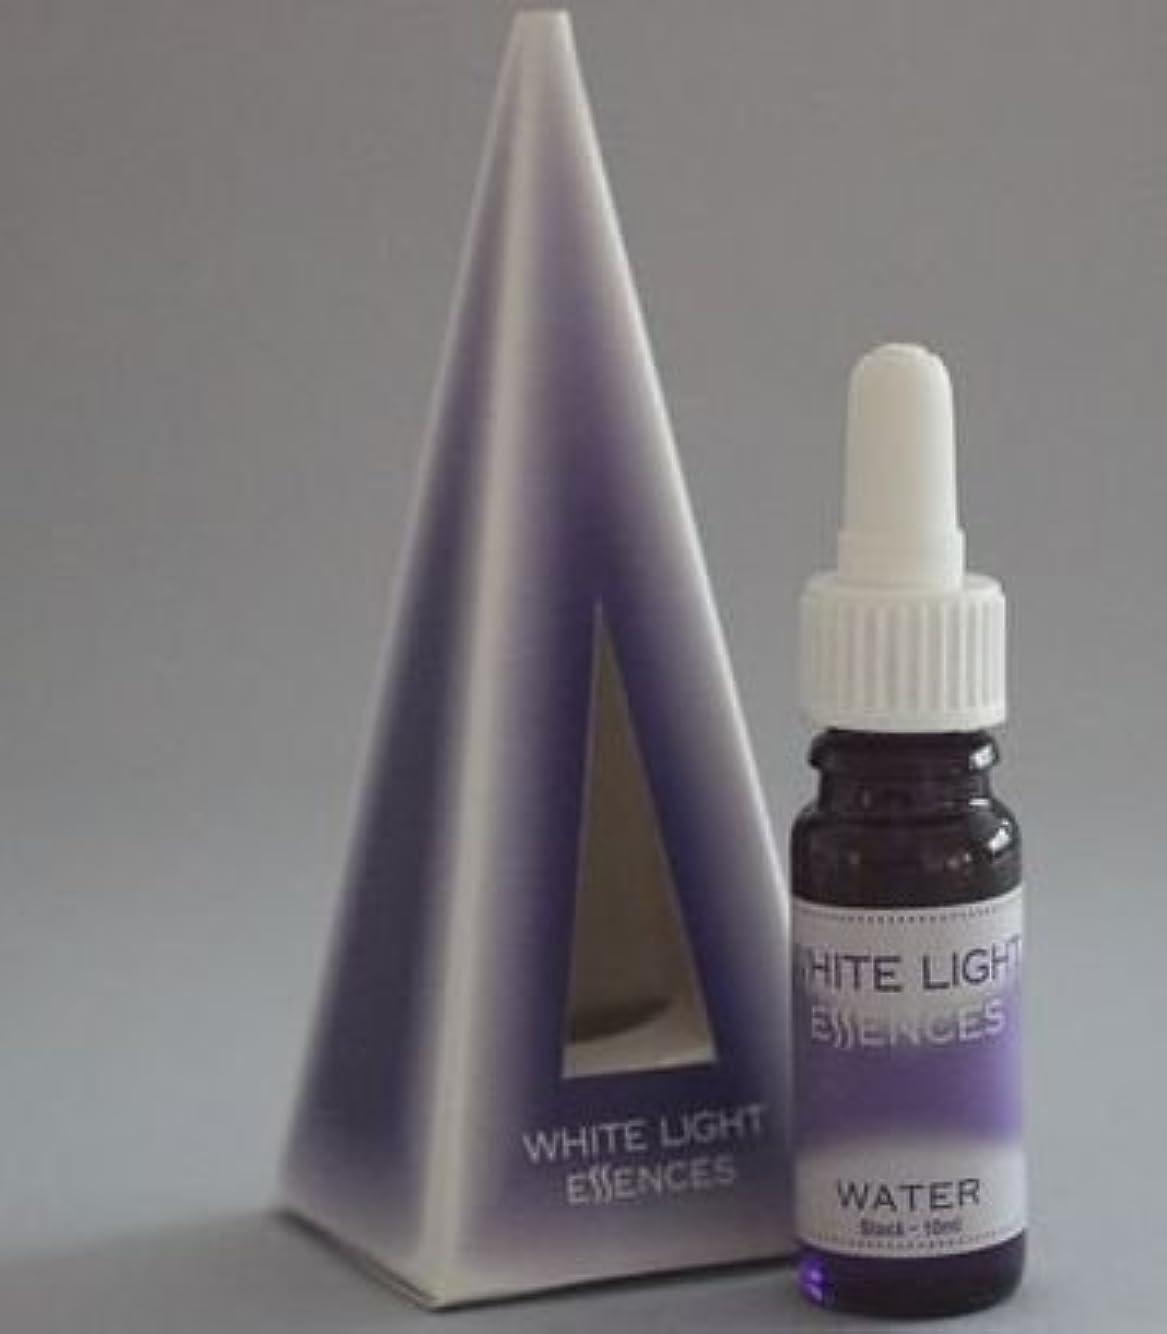 抽選魔術師毒液オーストラリアンブッシュ ホワイトライト Water 水